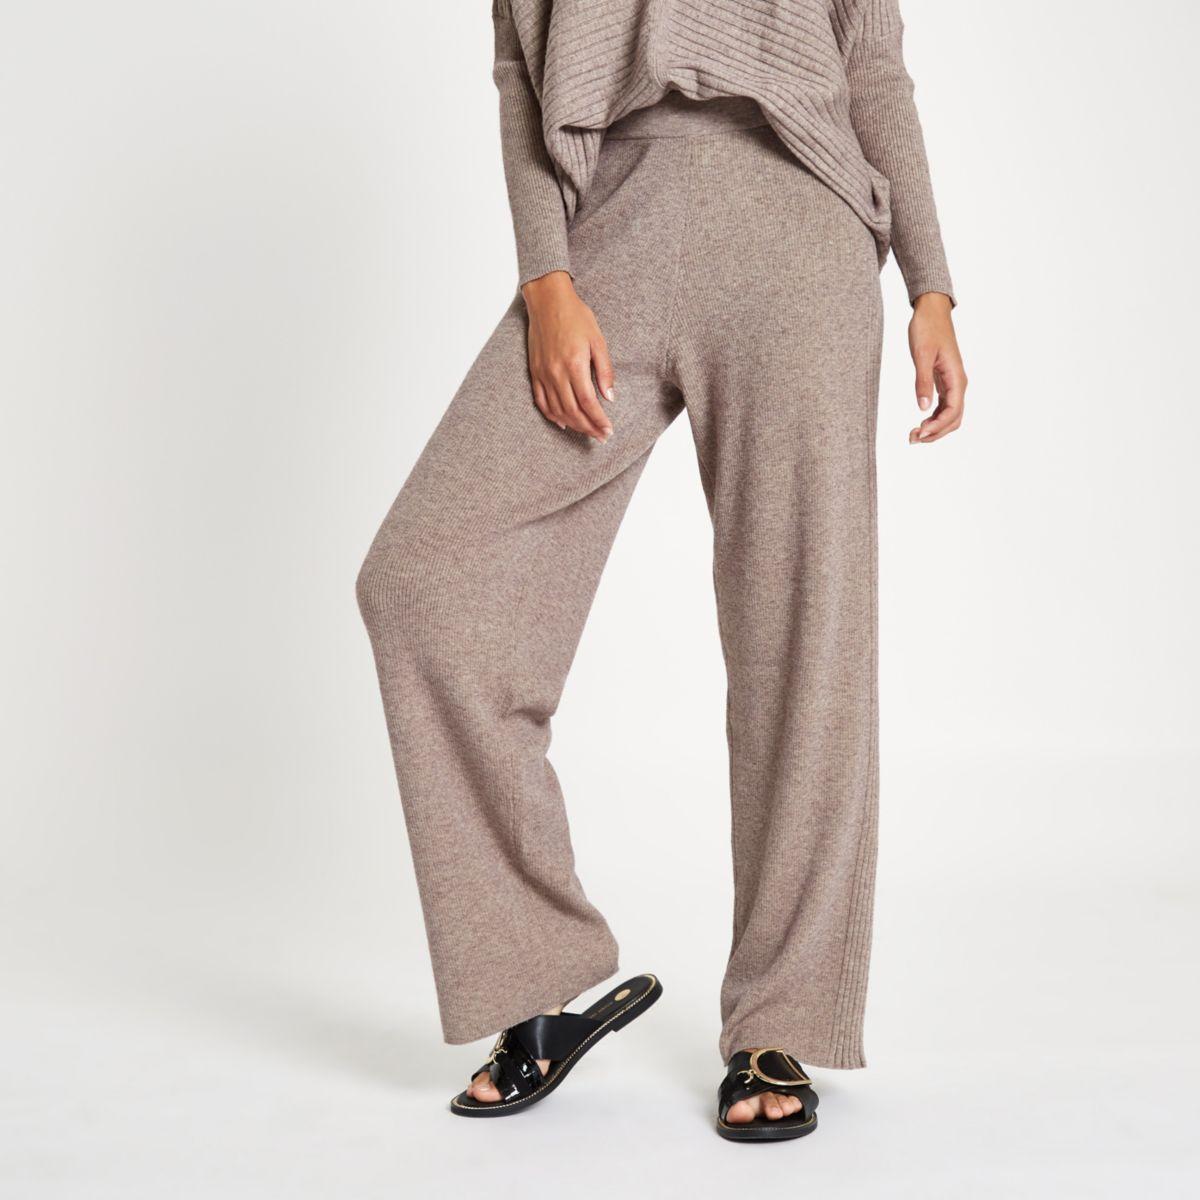 Beige knit wide leg pants